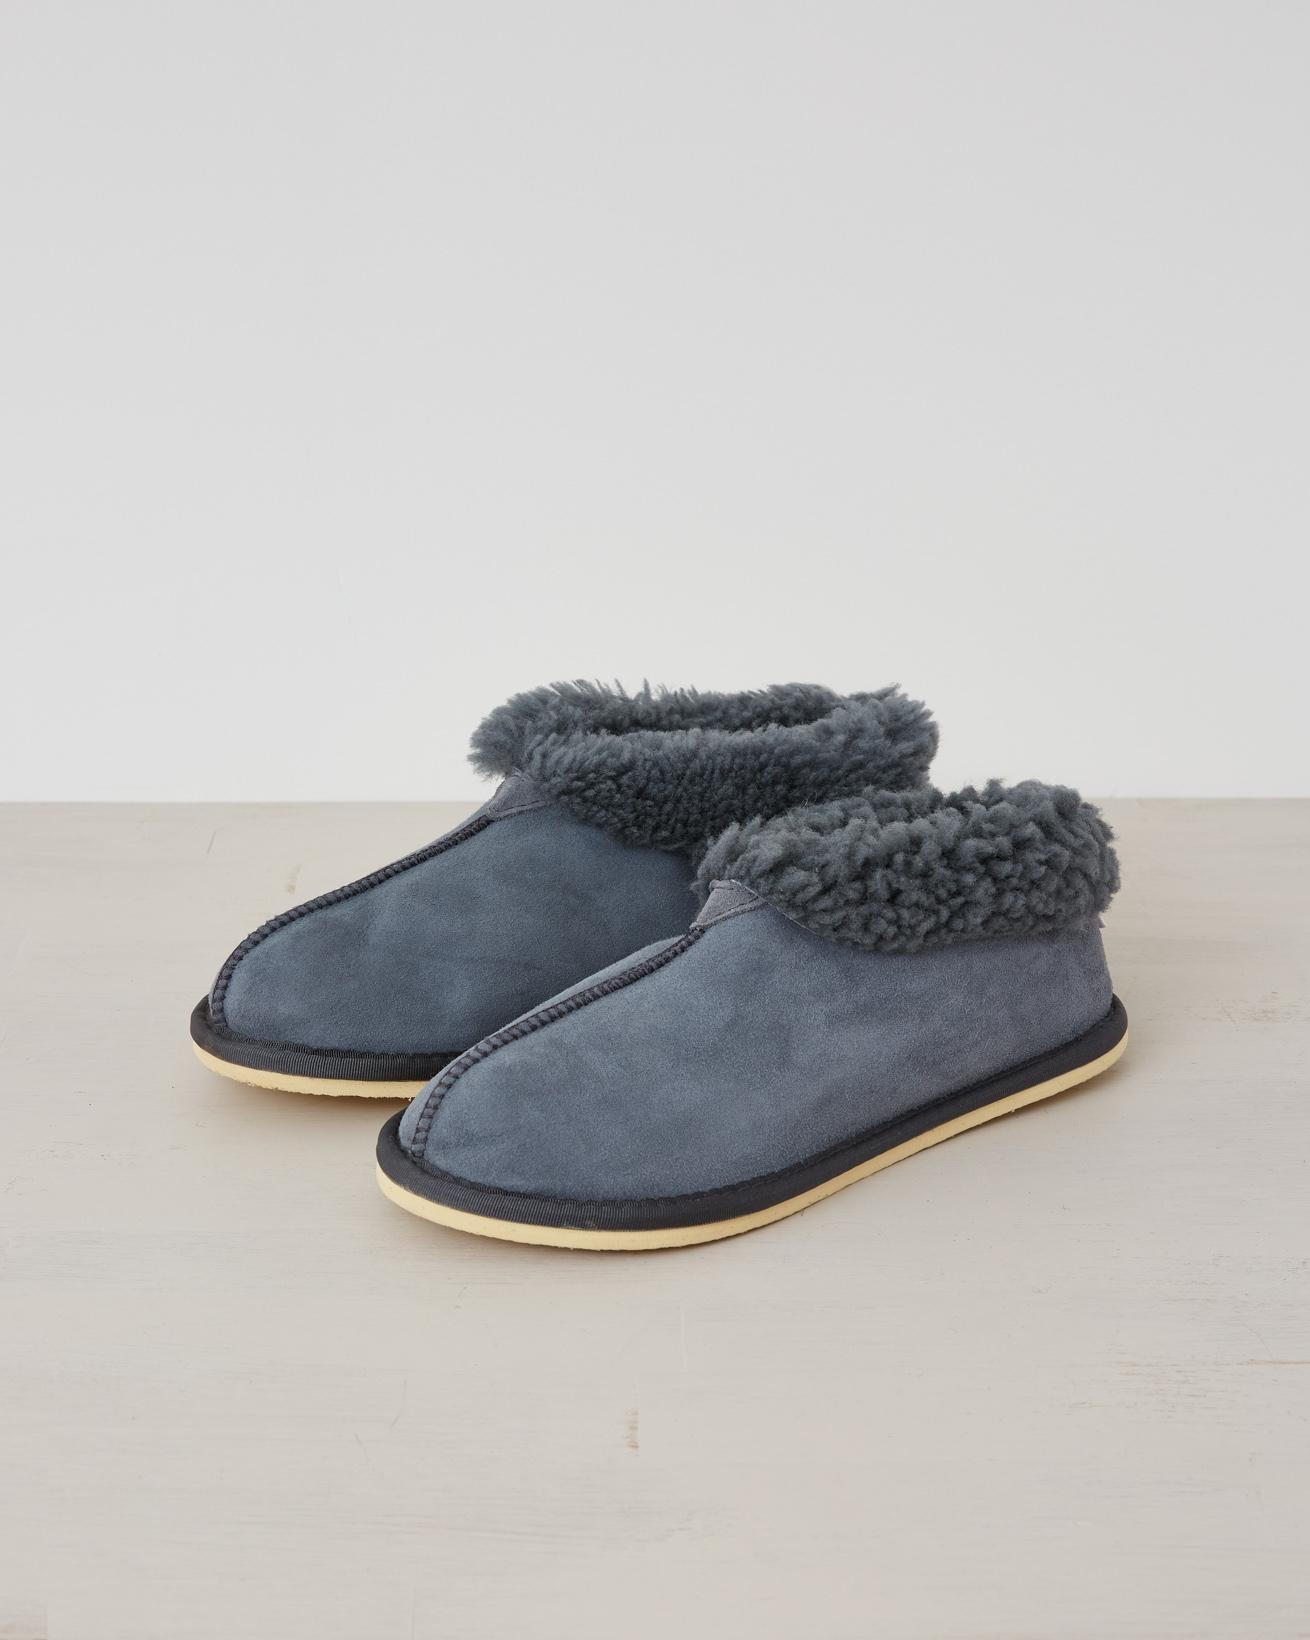 Ladies Sheepskin Bootee Slippers - Dark Grey - Size 6 - 2538